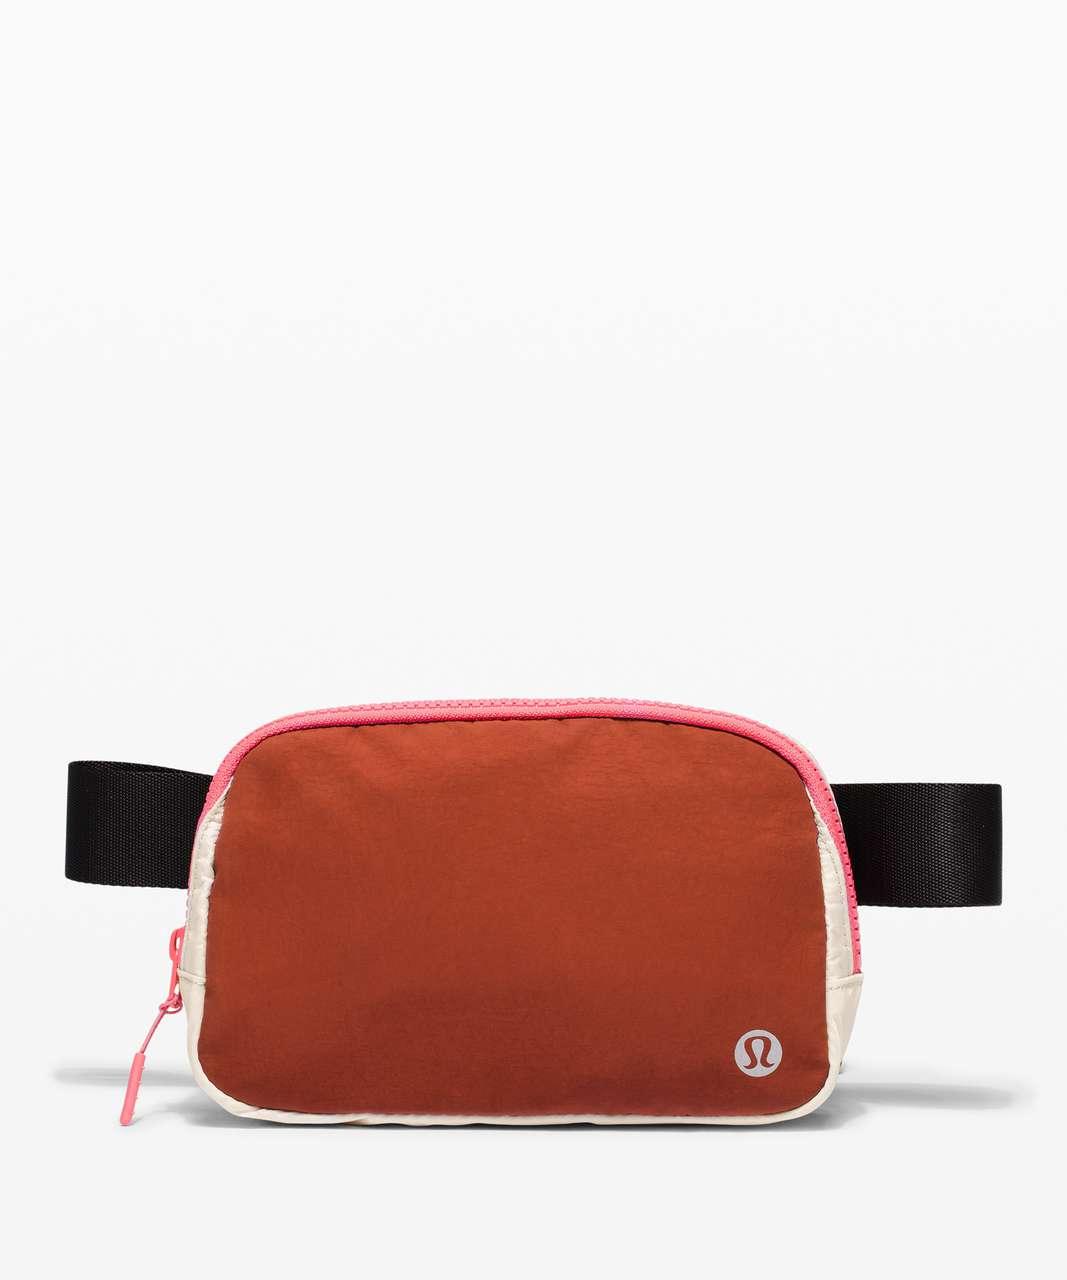 Lululemon Everywhere Belt Bag *1L - Dark Terracotta / White Opal